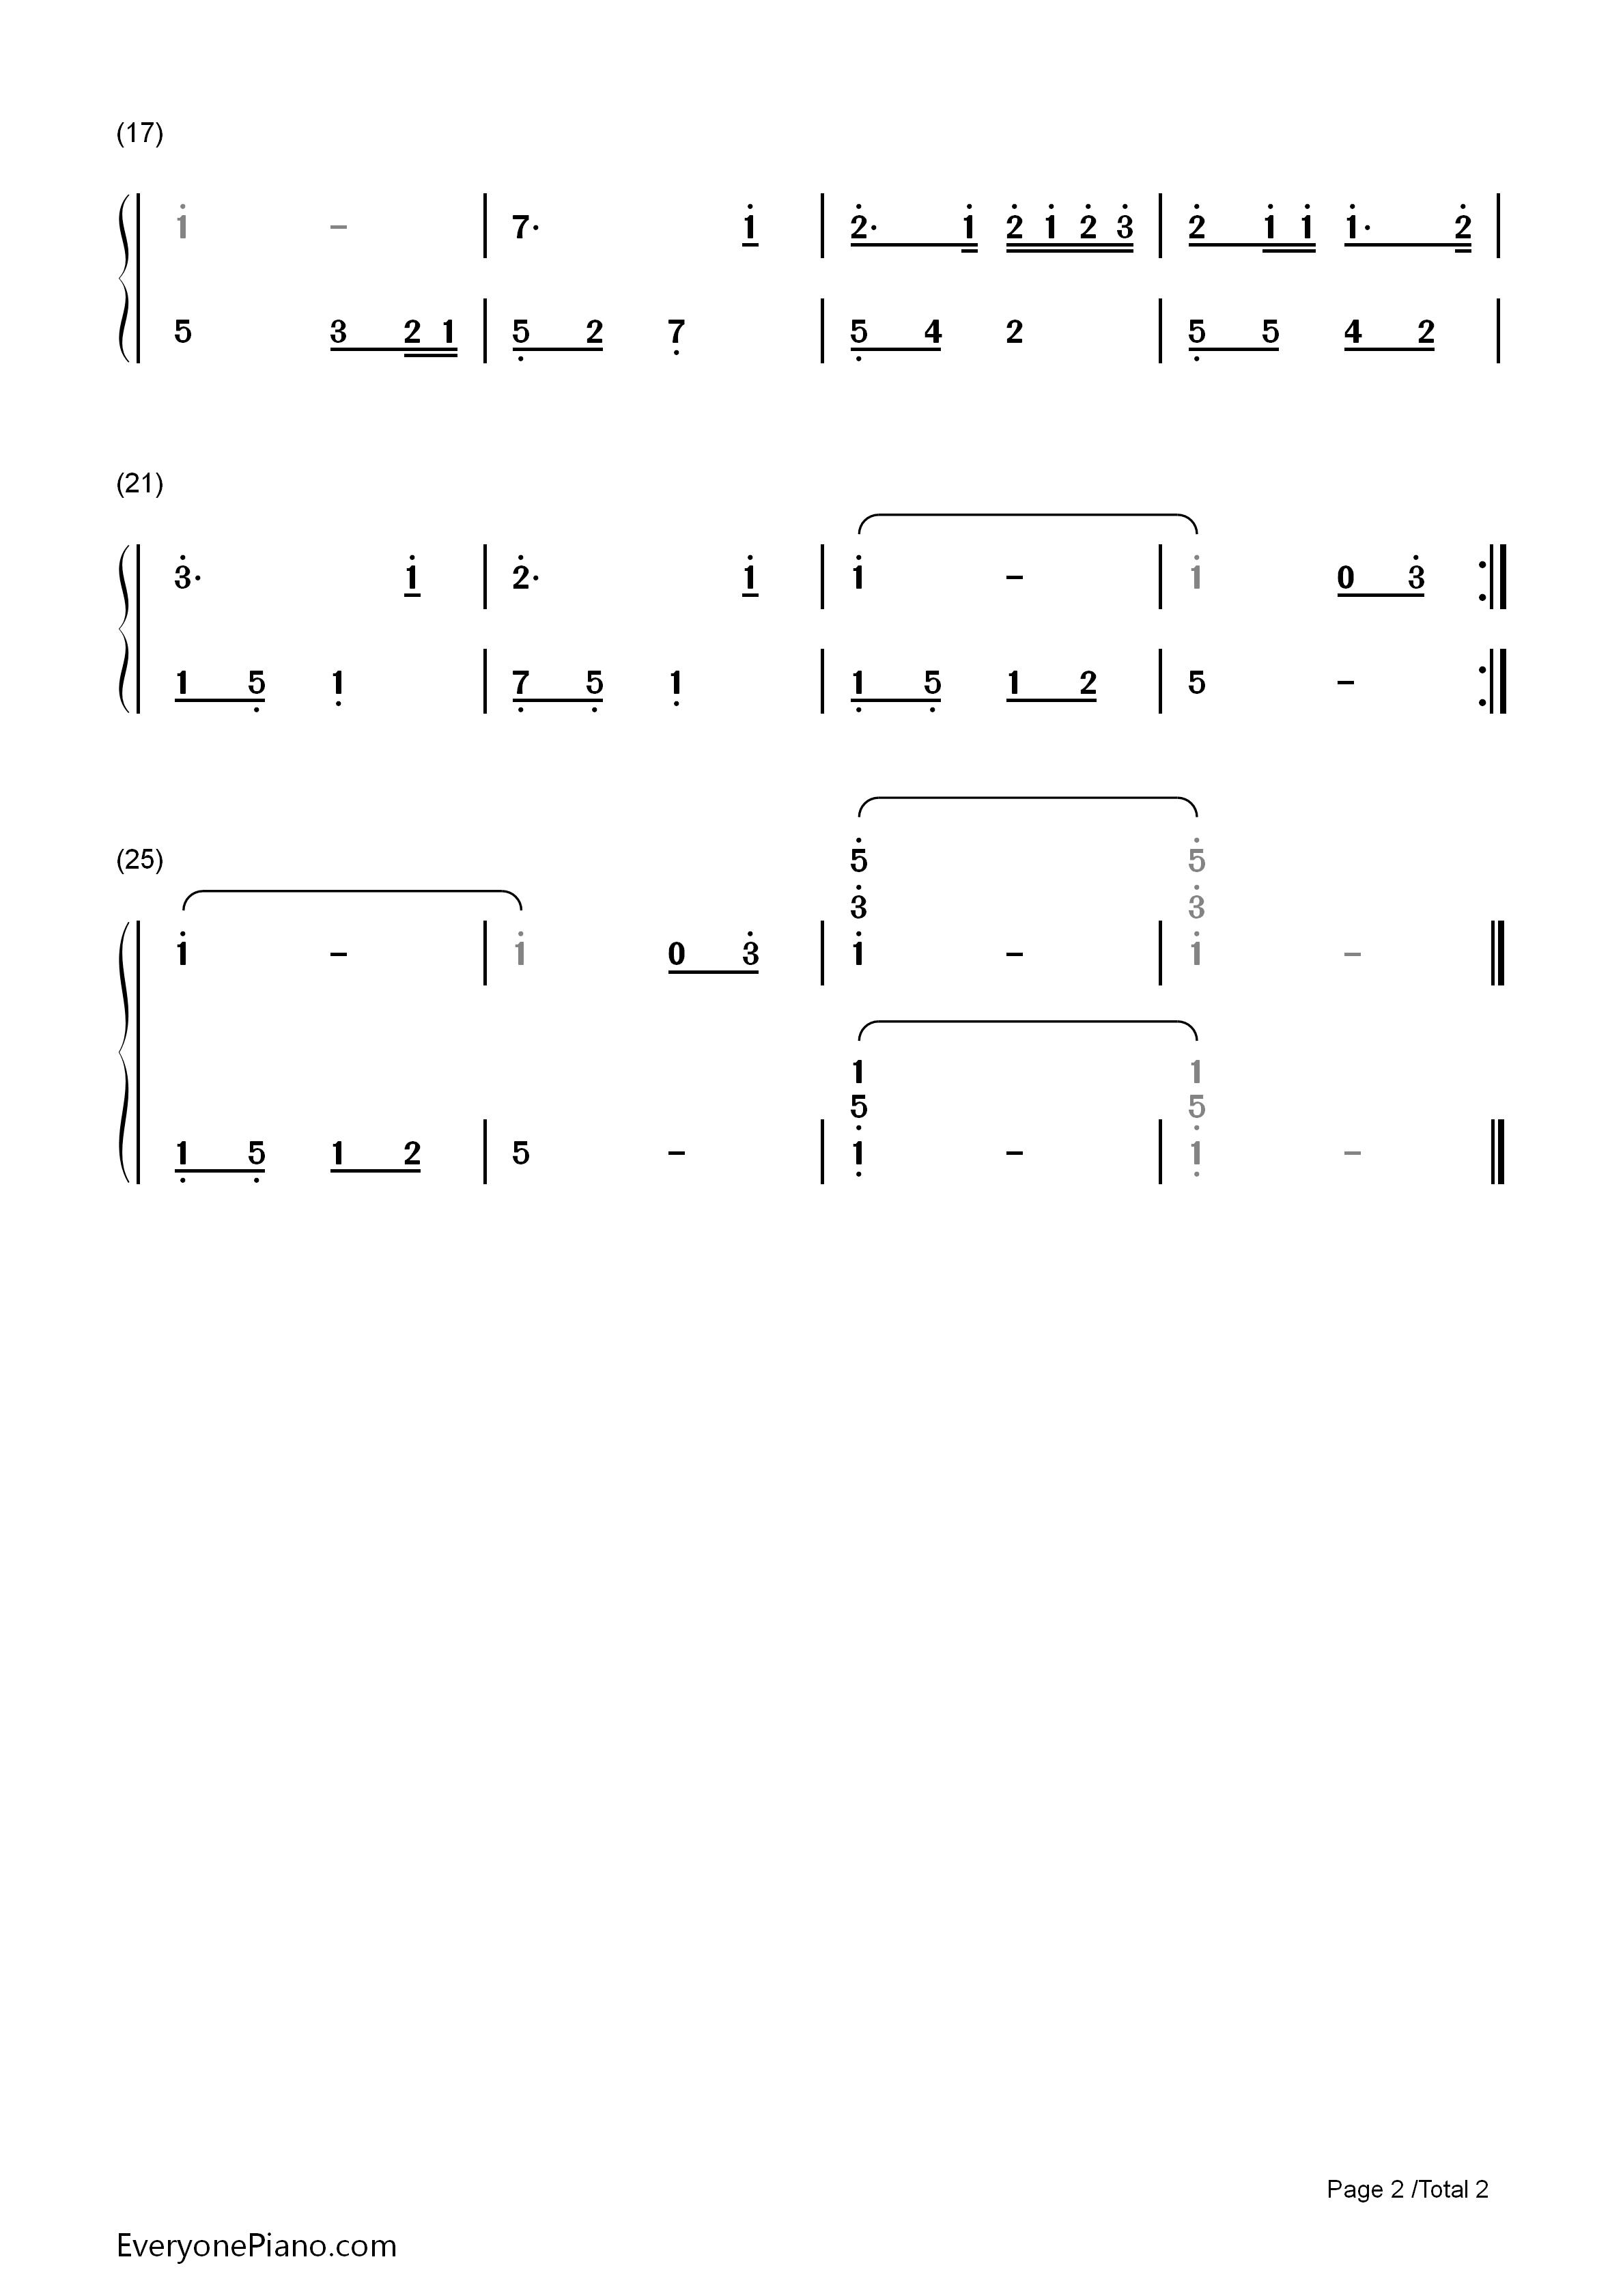 钢琴曲谱 儿歌 宝贝 宝贝双手简谱预览2  }  仅供学习交流使用!